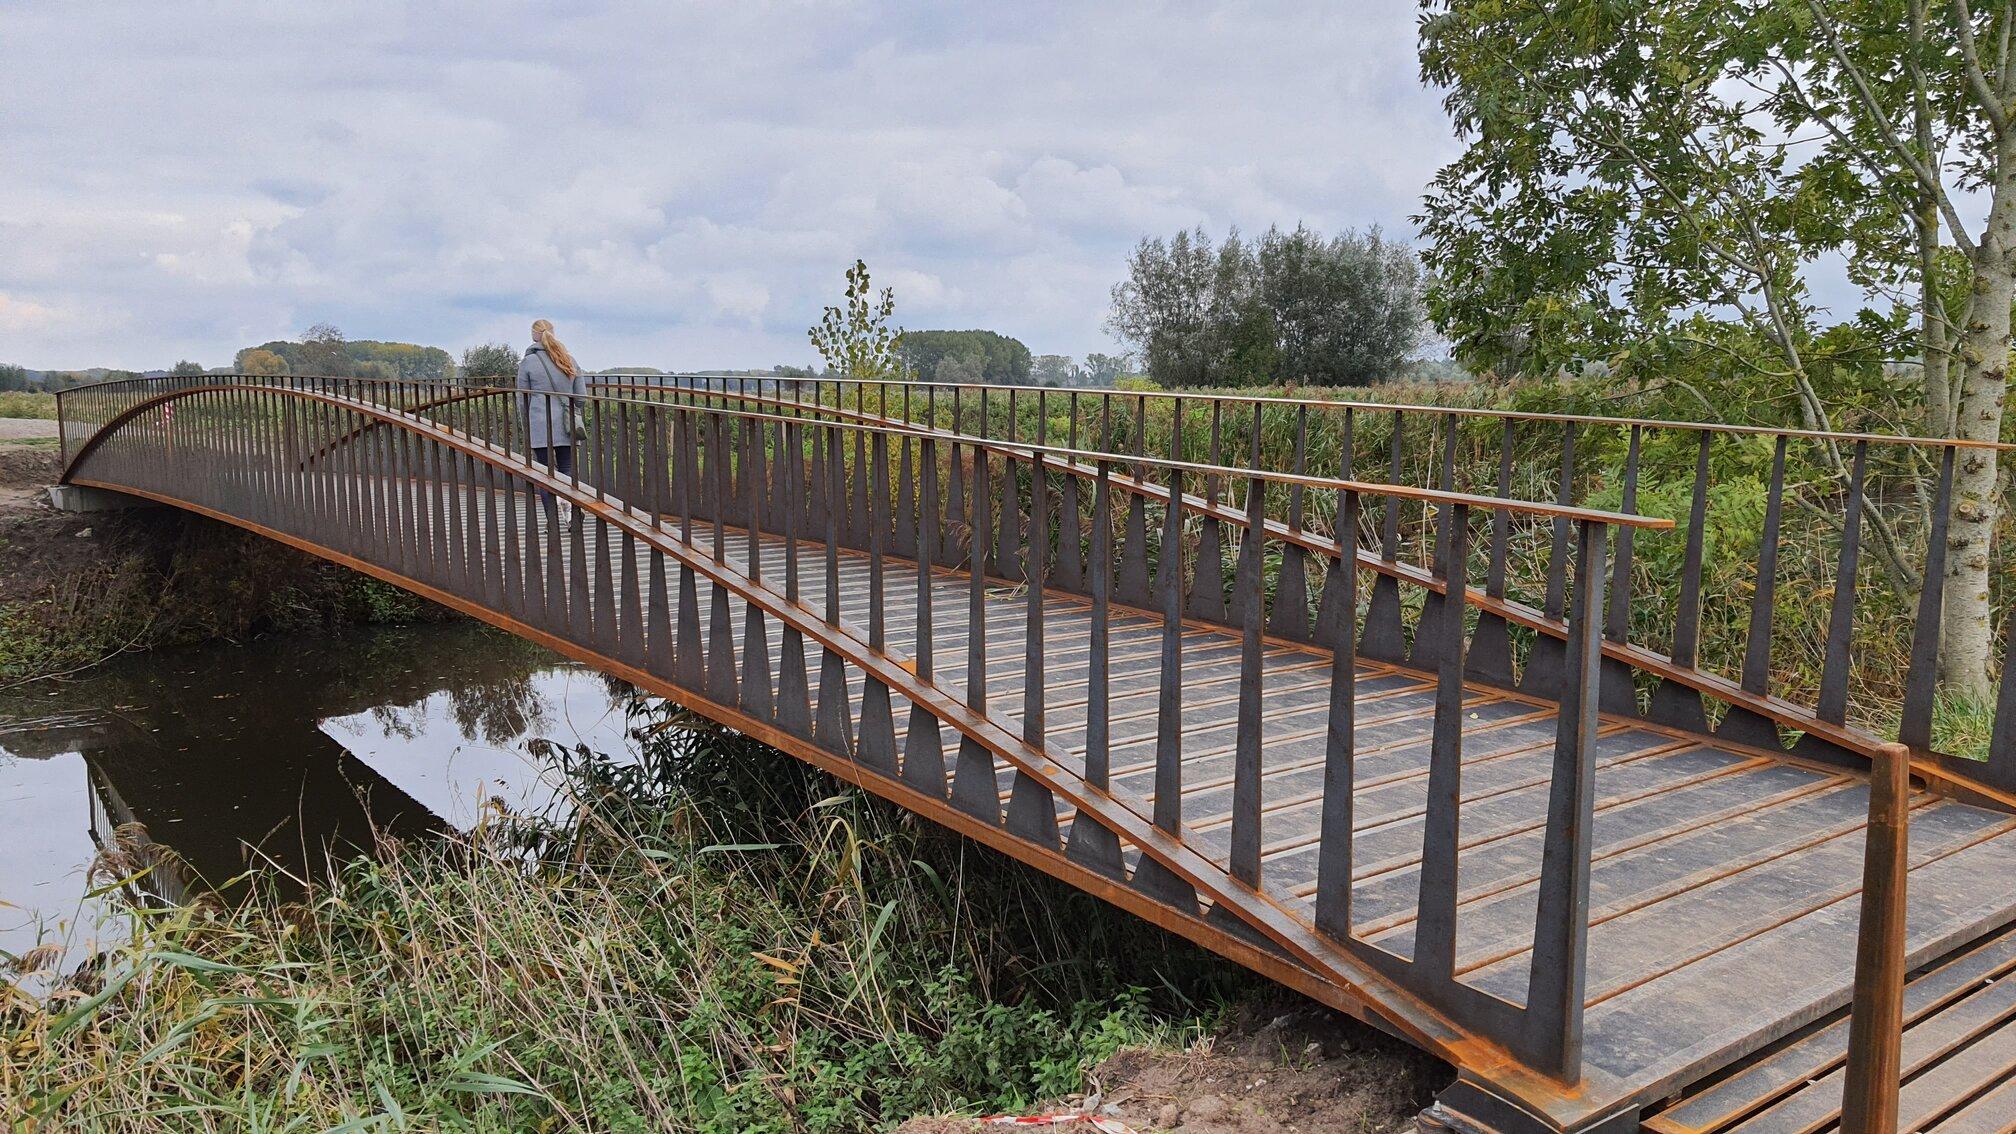 Bridge Kalkense Vaart